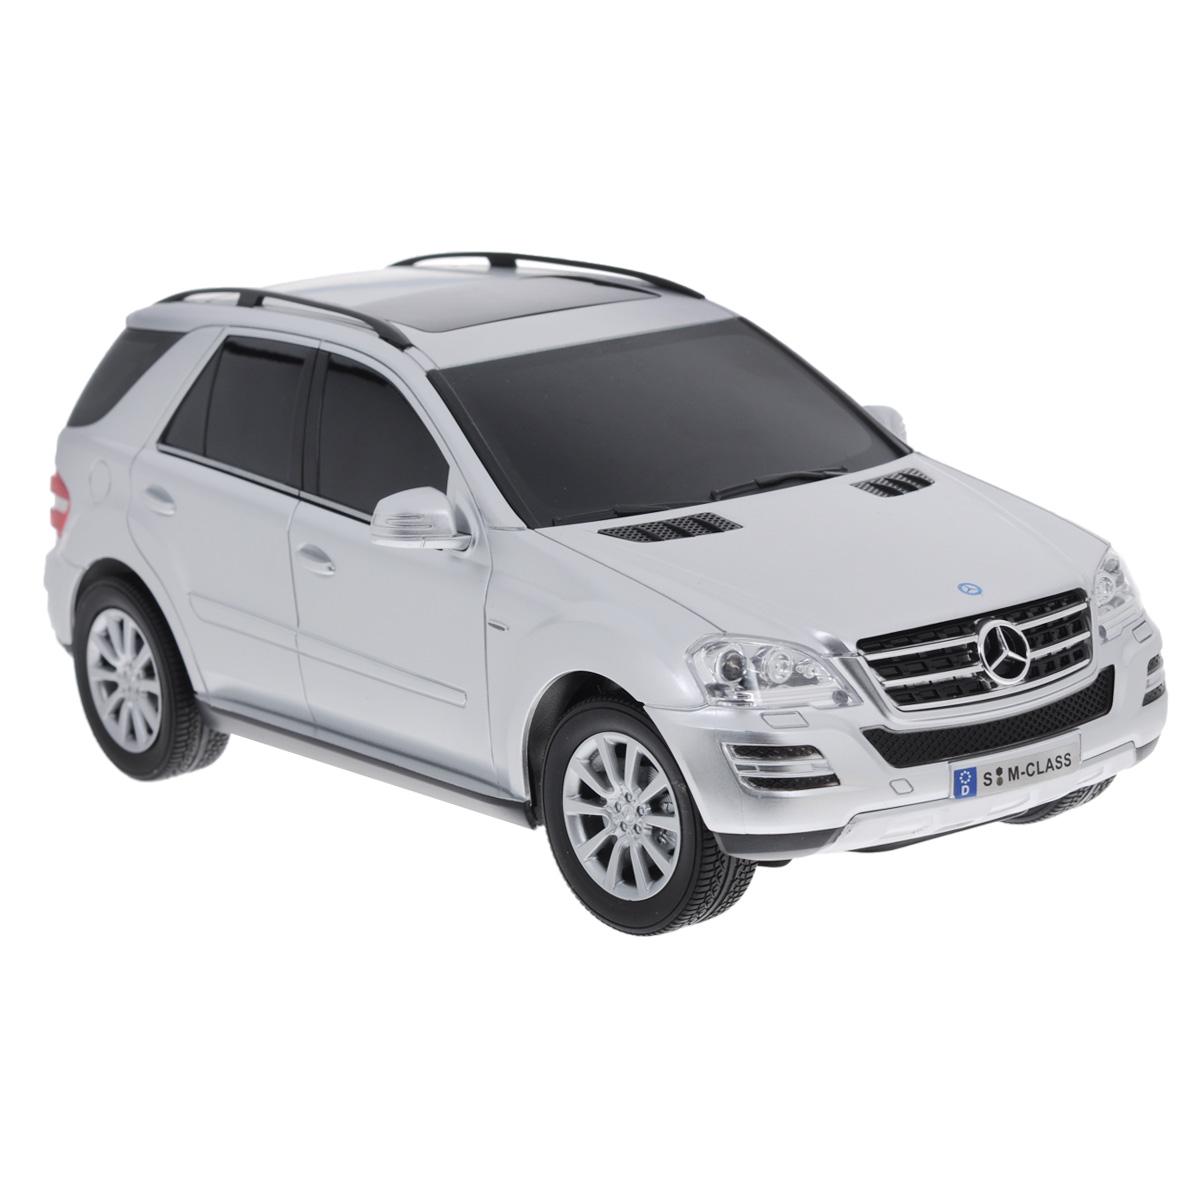 """Все мальчишки любят мощные крутые тачки! Особенно если это дорогие машины известной марки, которые, проезжая по улице, обращают на себя восторженные взгляды пешеходов. Радиоуправляемая модель TopGear """"Mercedes-Benz M350"""" - это детальная копия существующего автомобиля в масштабе 1:18. Машинка изготовлена из прочного легкого пластика; колеса прорезинены. При движении передние и задние фары машины светятся. При помощи пульта управления автомобиль может перемещаться вперед, дает задний ход, поворачивает влево и вправо, останавливается. Встроенные амортизаторы обеспечивают комфортное движение. В комплект входят машинка, пульт управления, зарядное устройство (время зарядки составляет 4-5 часов), аккумулятор и 2 батарейки. Автомобиль отличается потрясающей маневренностью и динамикой. Ваш ребенок часами будет играть с моделью, устраивая захватывающие гонки. Машина работает от аккумулятора 500 мАч напряжением 4,8 В (входит в ..."""